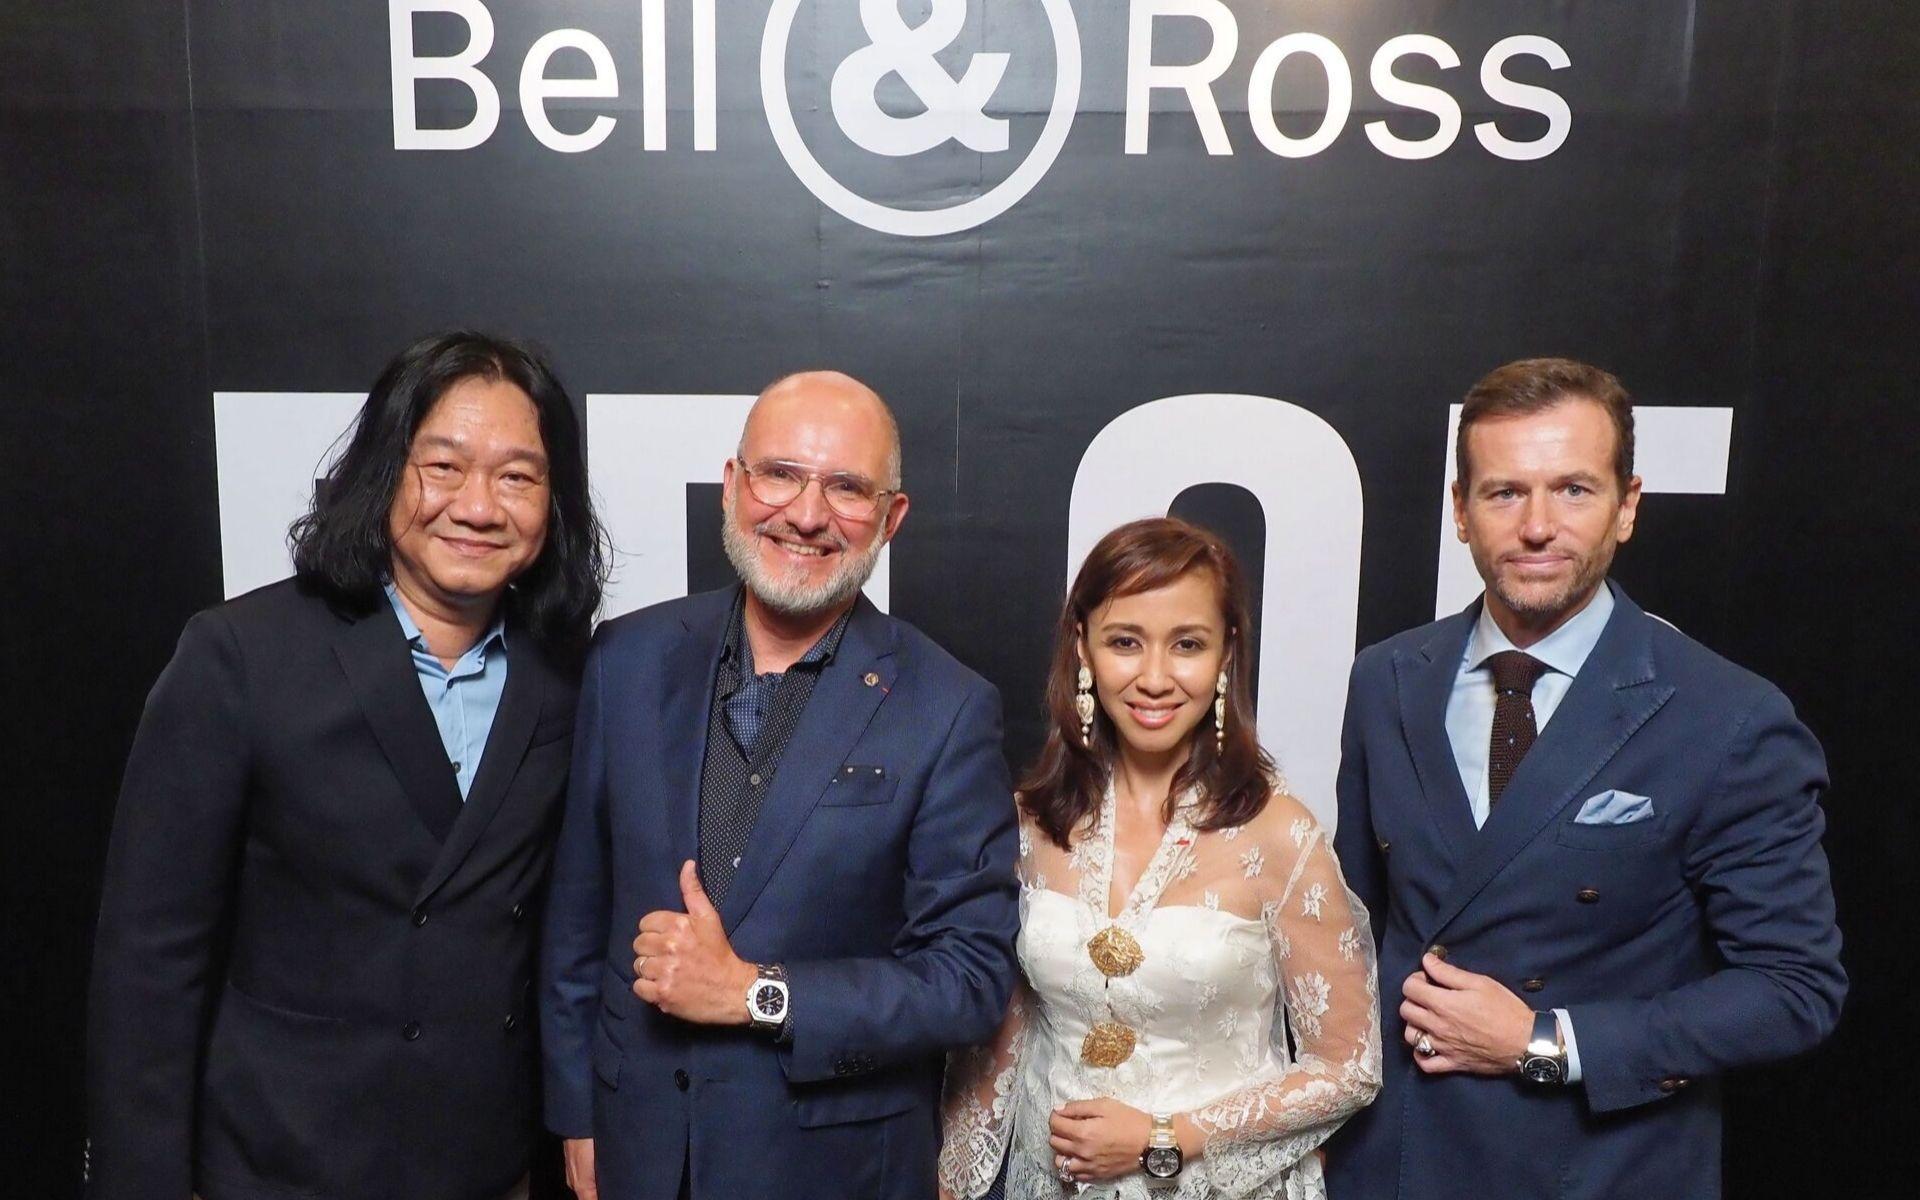 Tong Chee Wei, Carlos Rosillo, Tengku Datin Paduka Setia Zatashah and Dato' Setia Aubry Rahim Mennesson